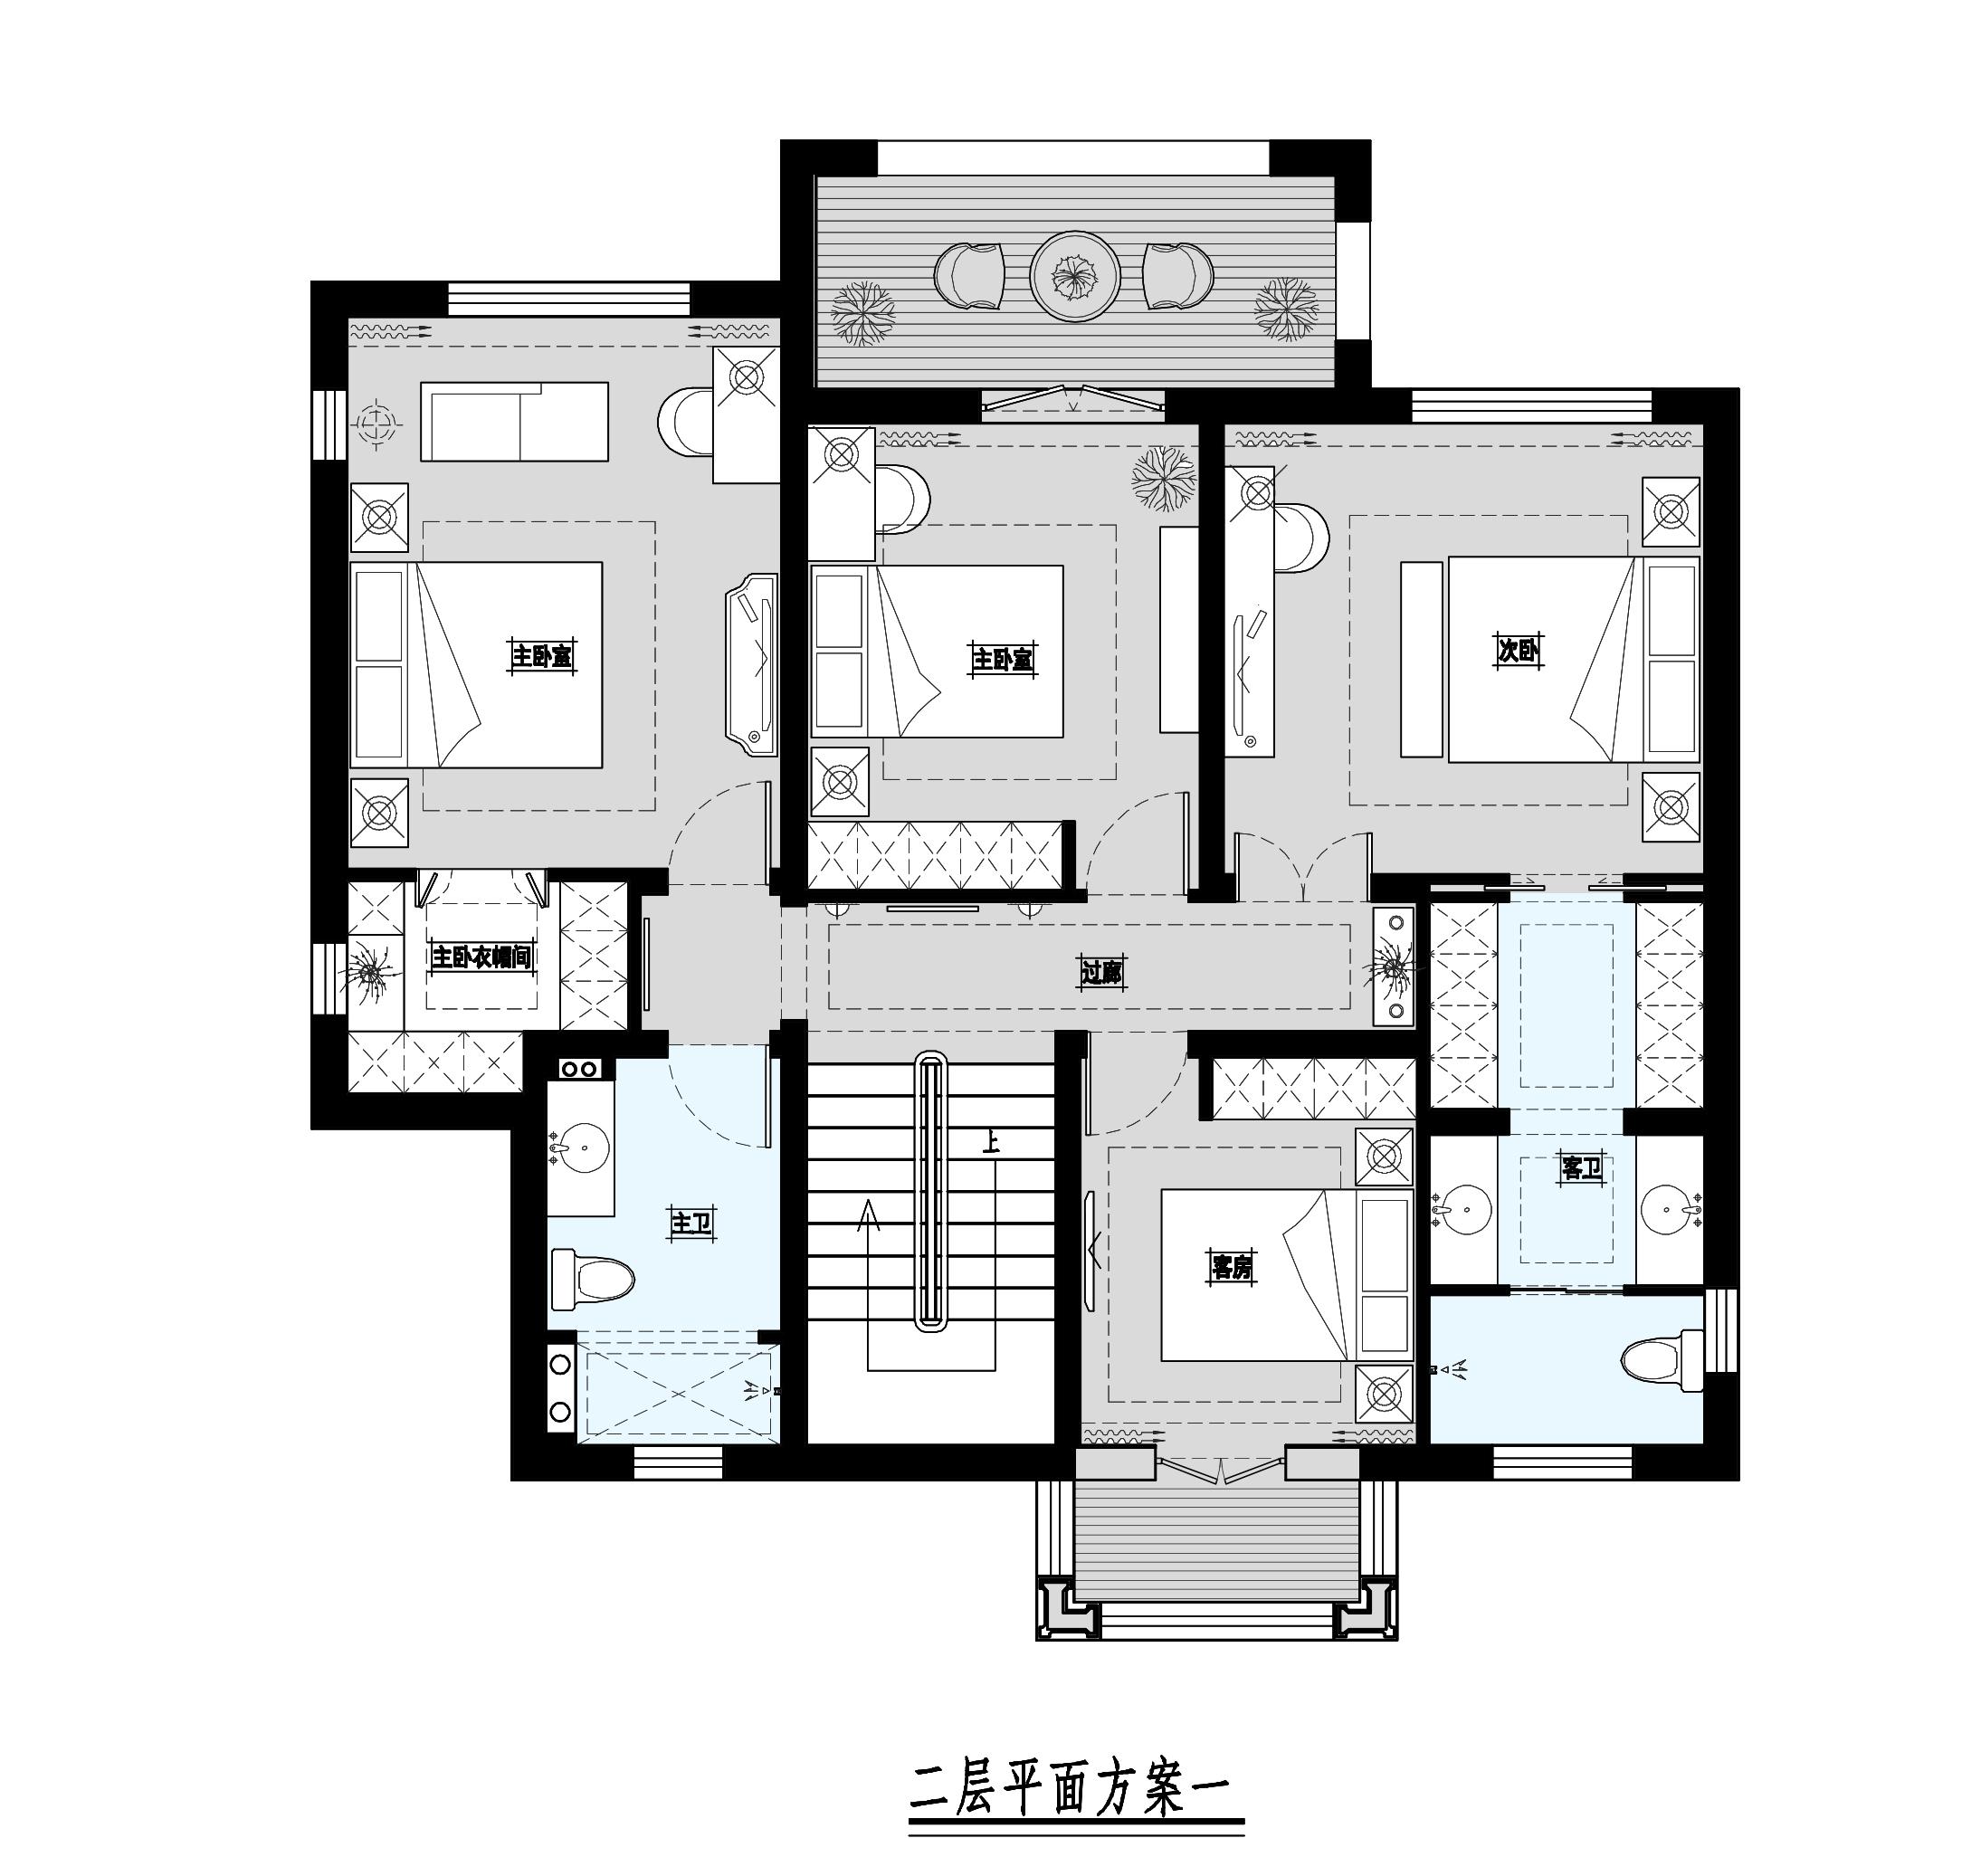 北京院子 简欧 340平米装修设计理念